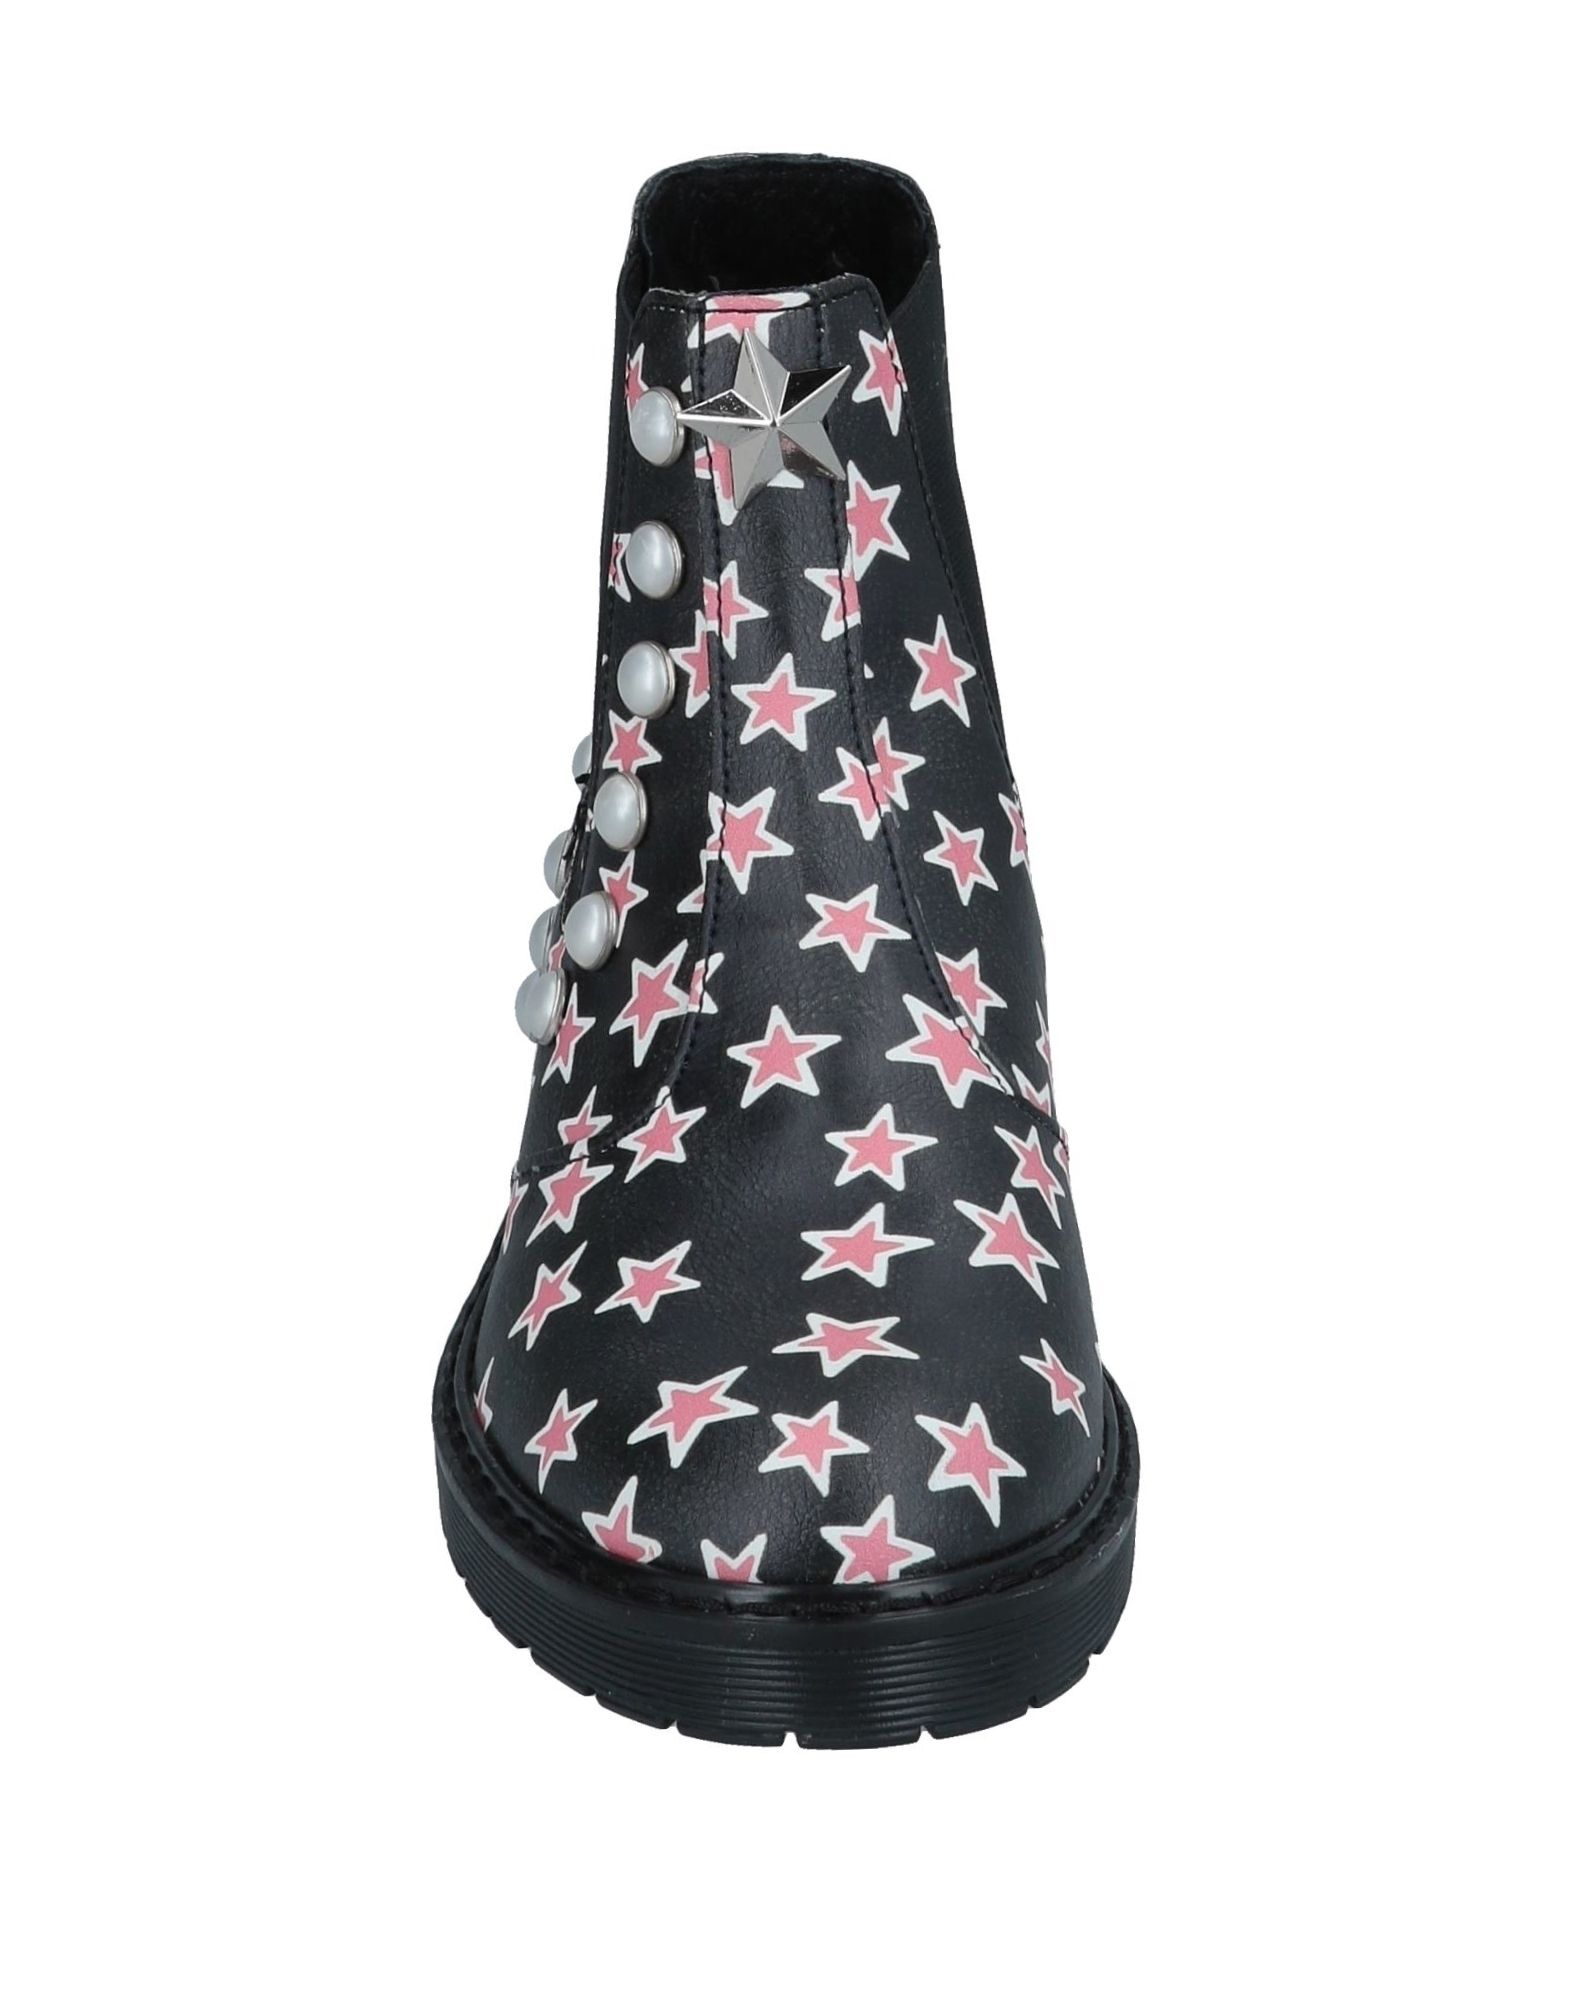 La Fille Des Fleurs Stiefel Chelsea Stiefel Fleurs Damen Gutes Preis-Leistungs-Verhältnis, es lohnt sich 19af1f